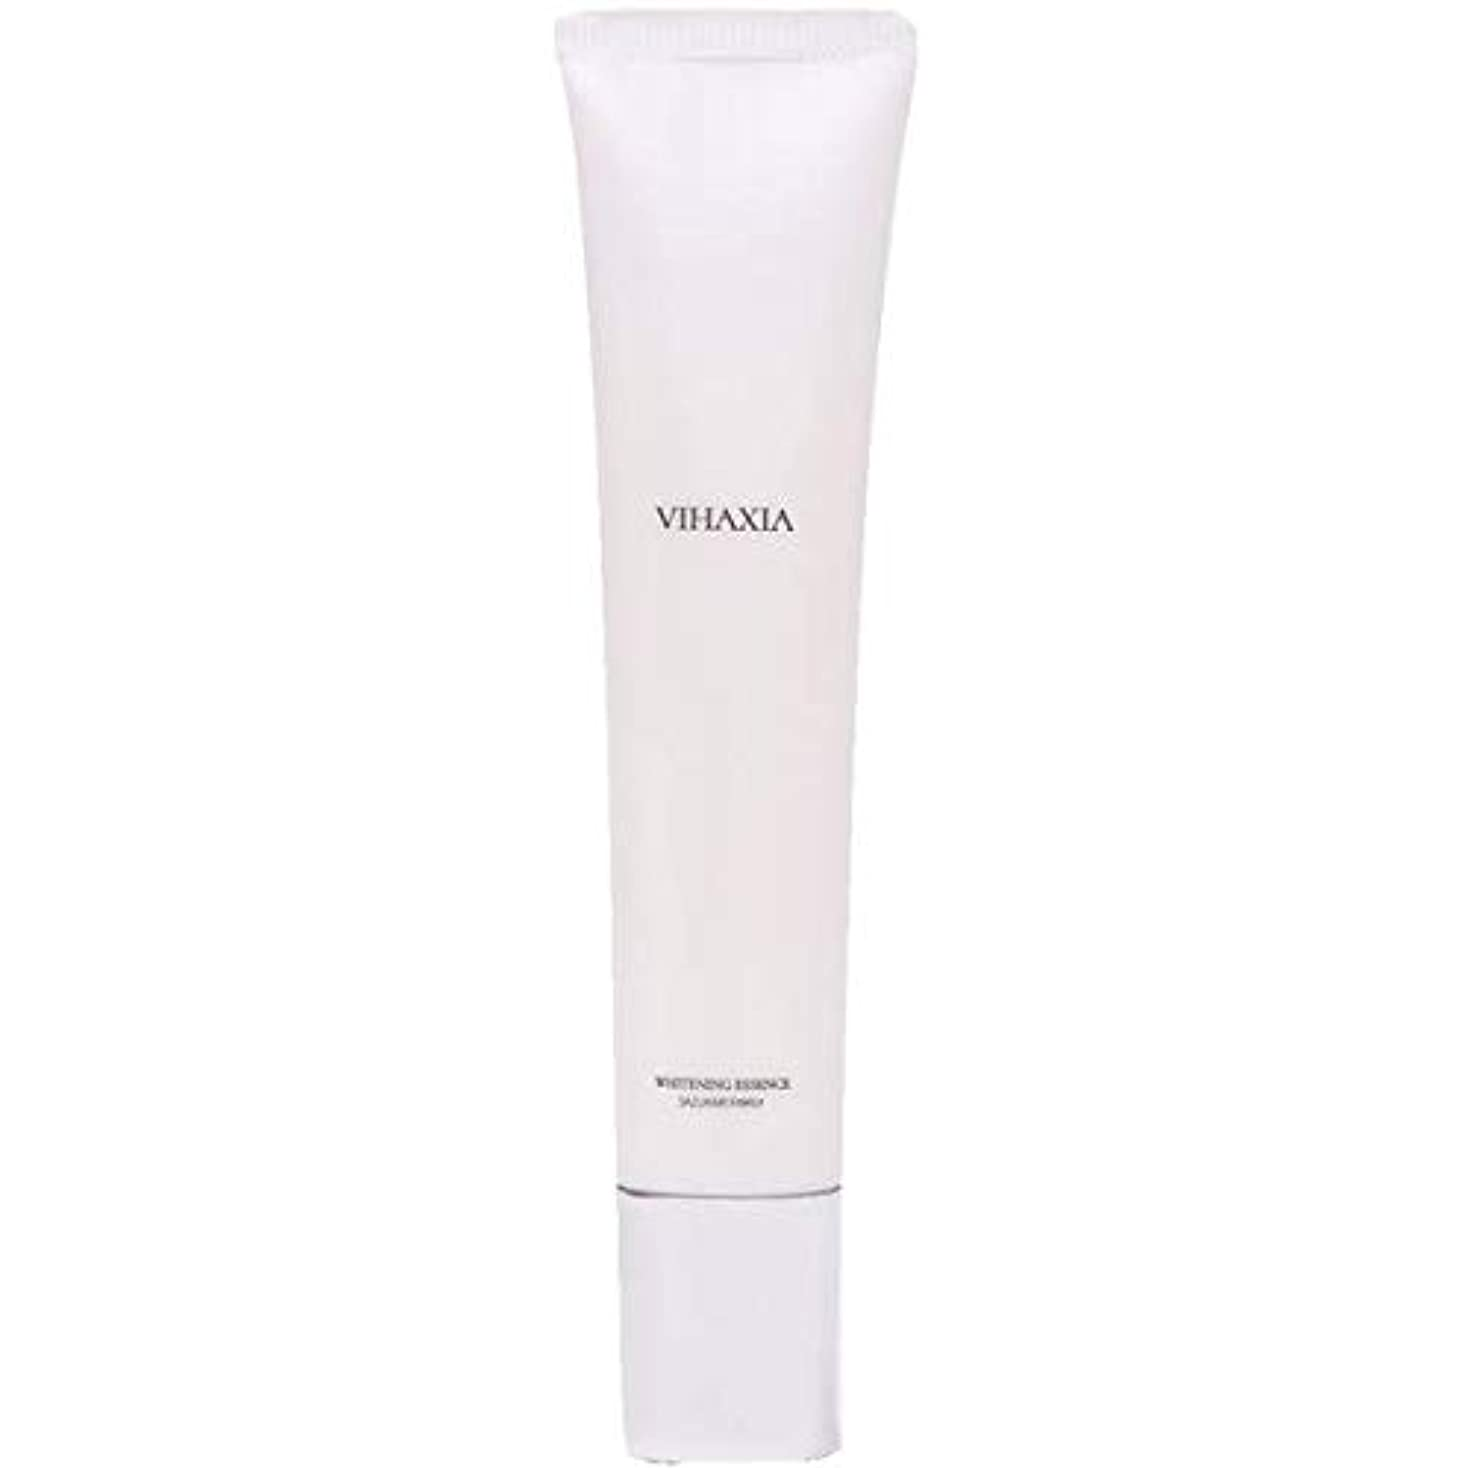 緩む追跡包括的VIHAXIA(ビハクシア) 医薬部外品 美白クリーム 27g